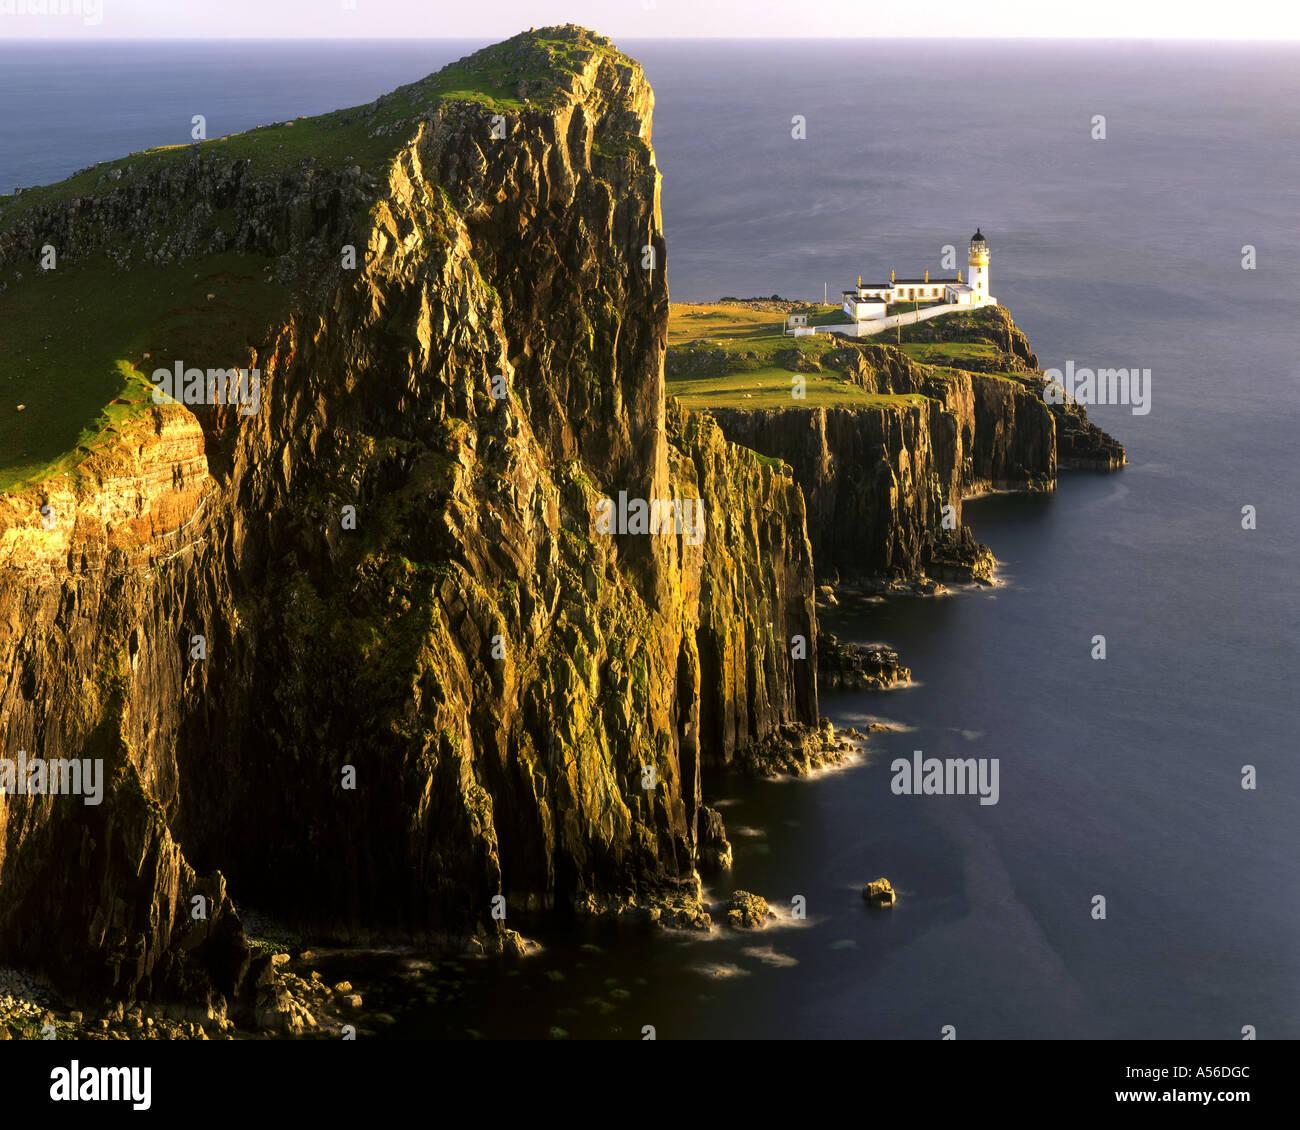 GB - Schottland: Landschaftlich Leuchtturm auf der Isle Of Skye Stockbild